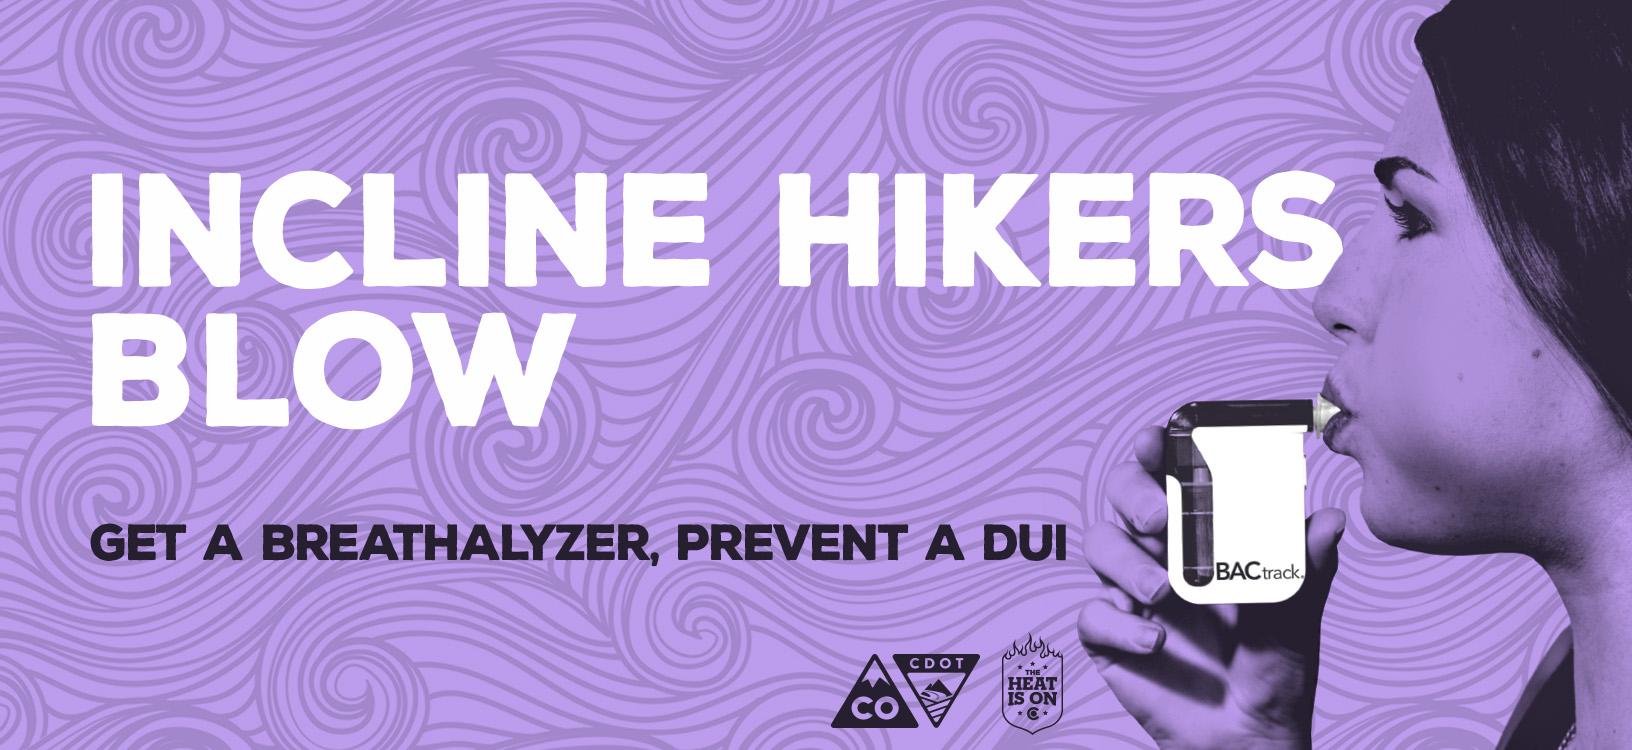 Incline Hikers.jpg